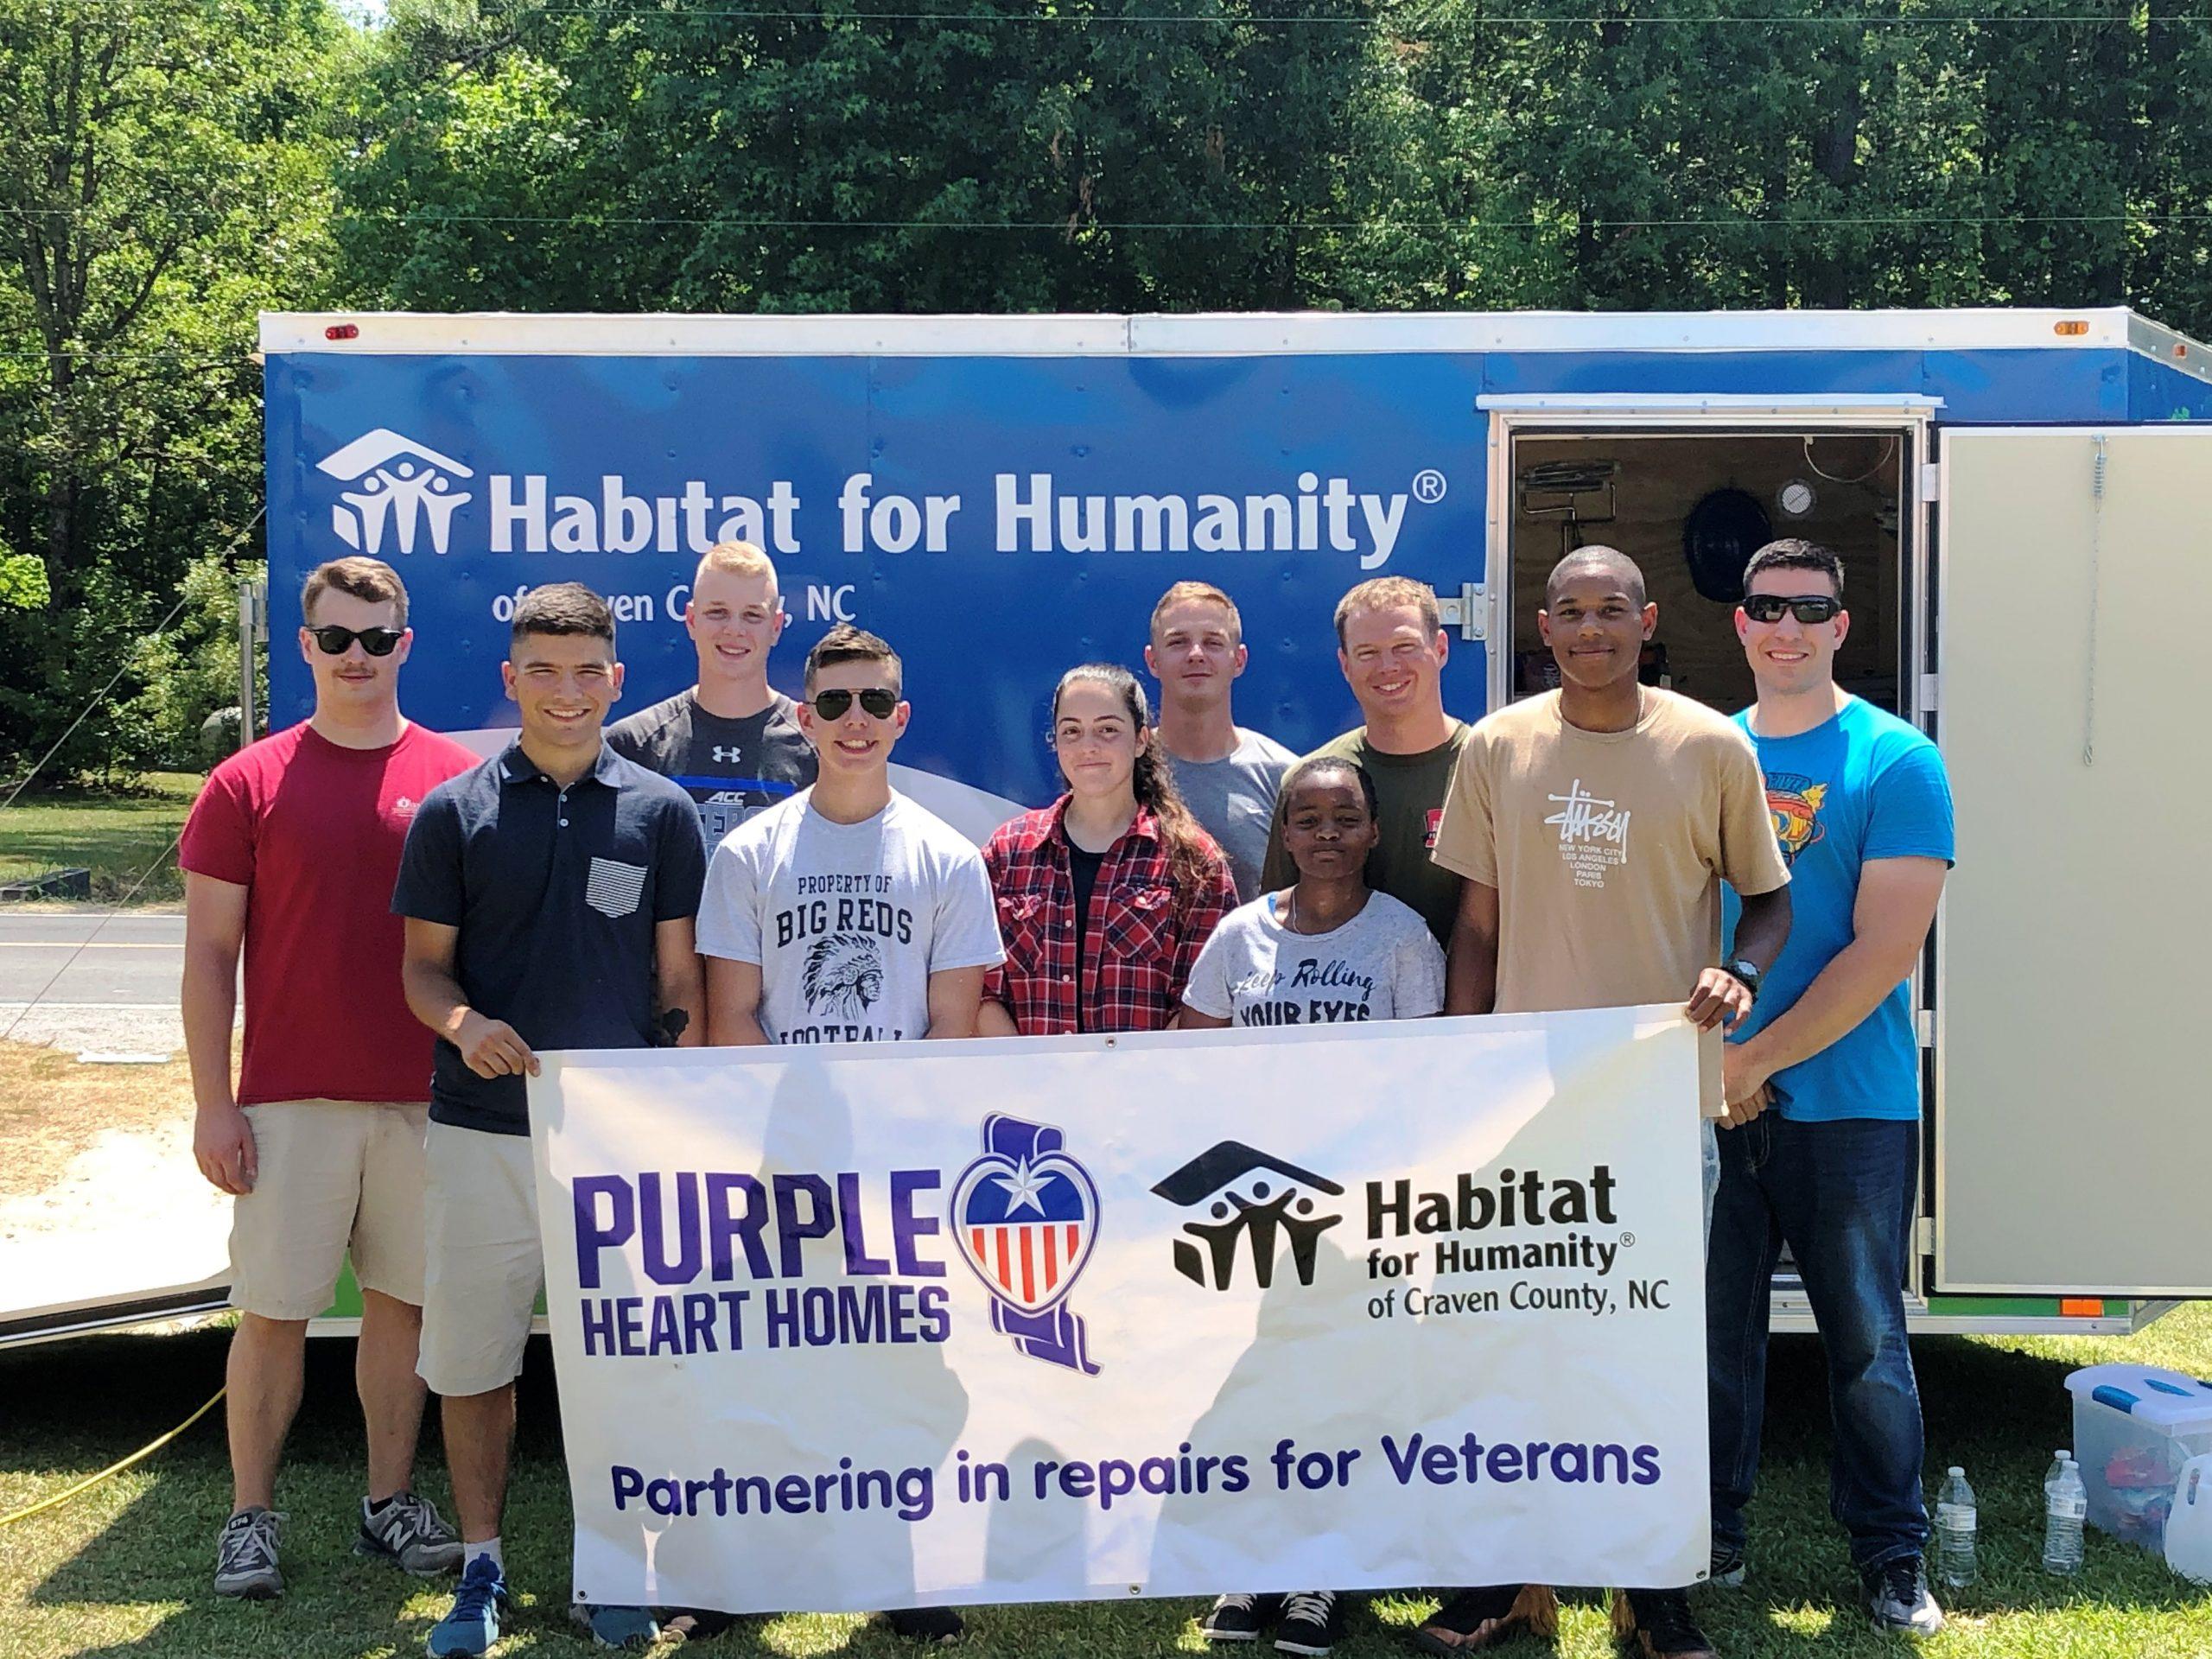 volunteer as a group